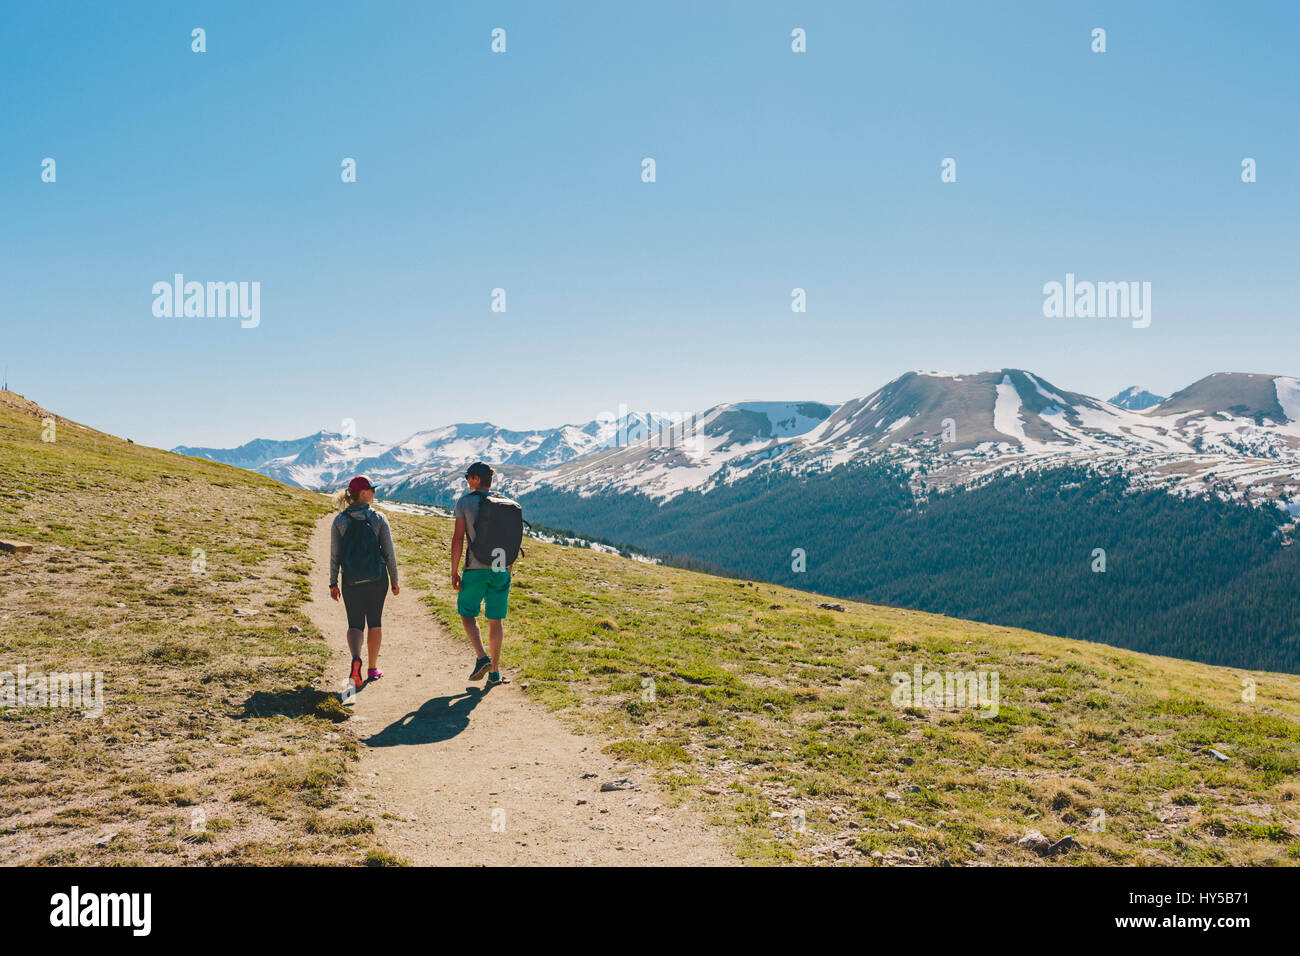 Usa, Colorado, Rocky Mountain National Park, zwei Menschen wandern in die Berge Stockbild